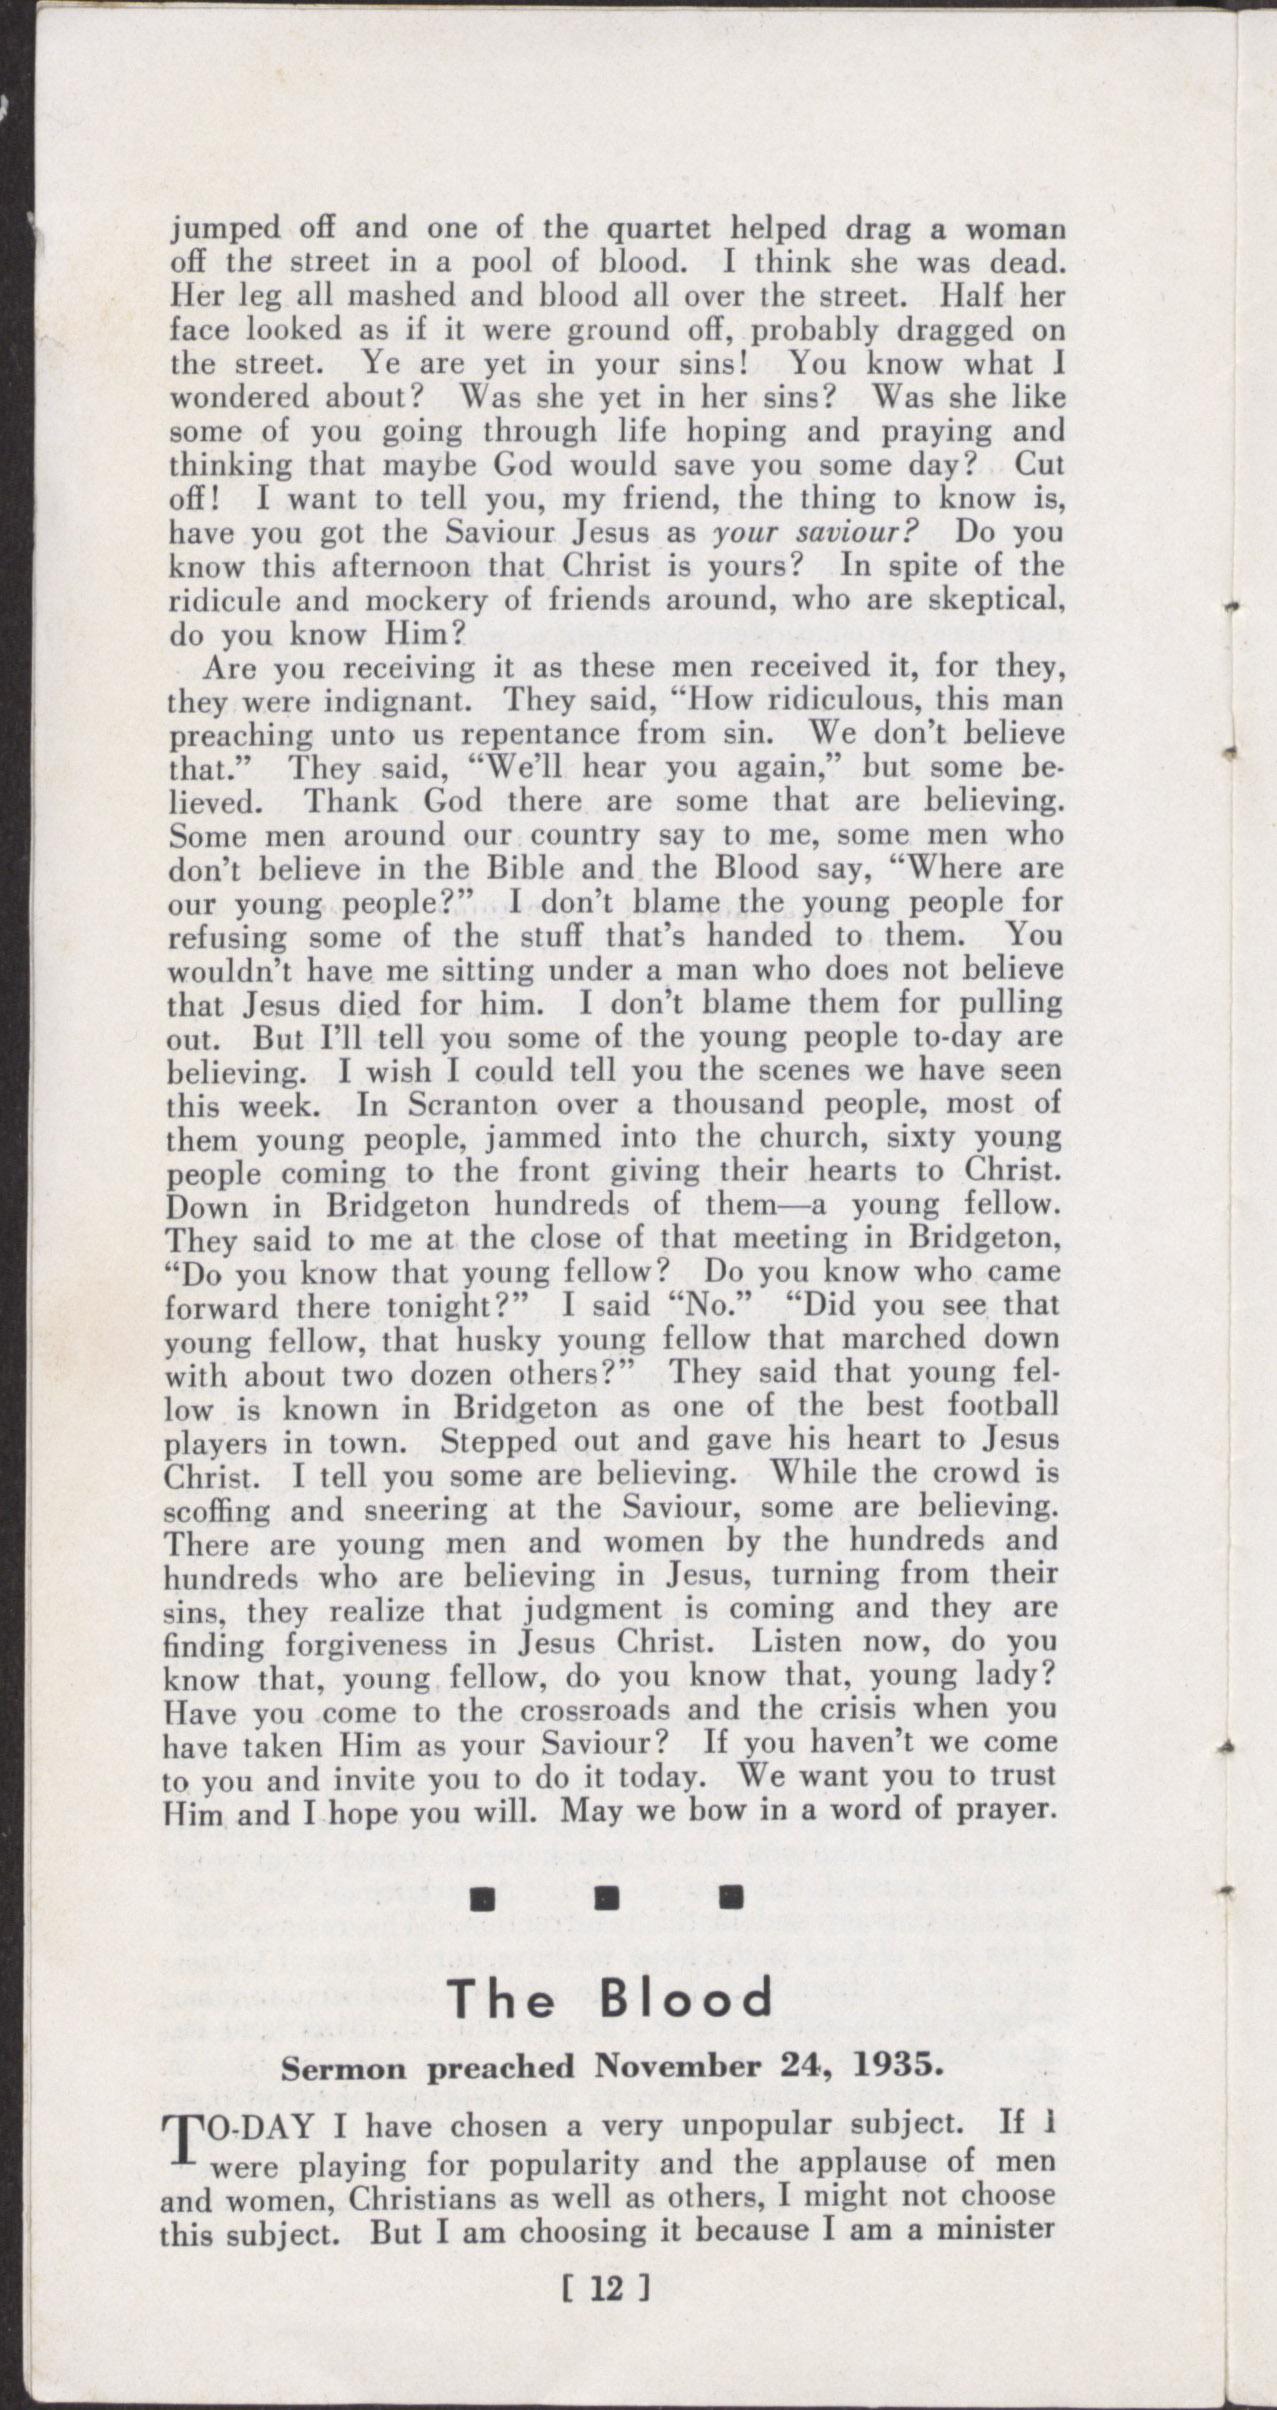 sermons193511-(12)